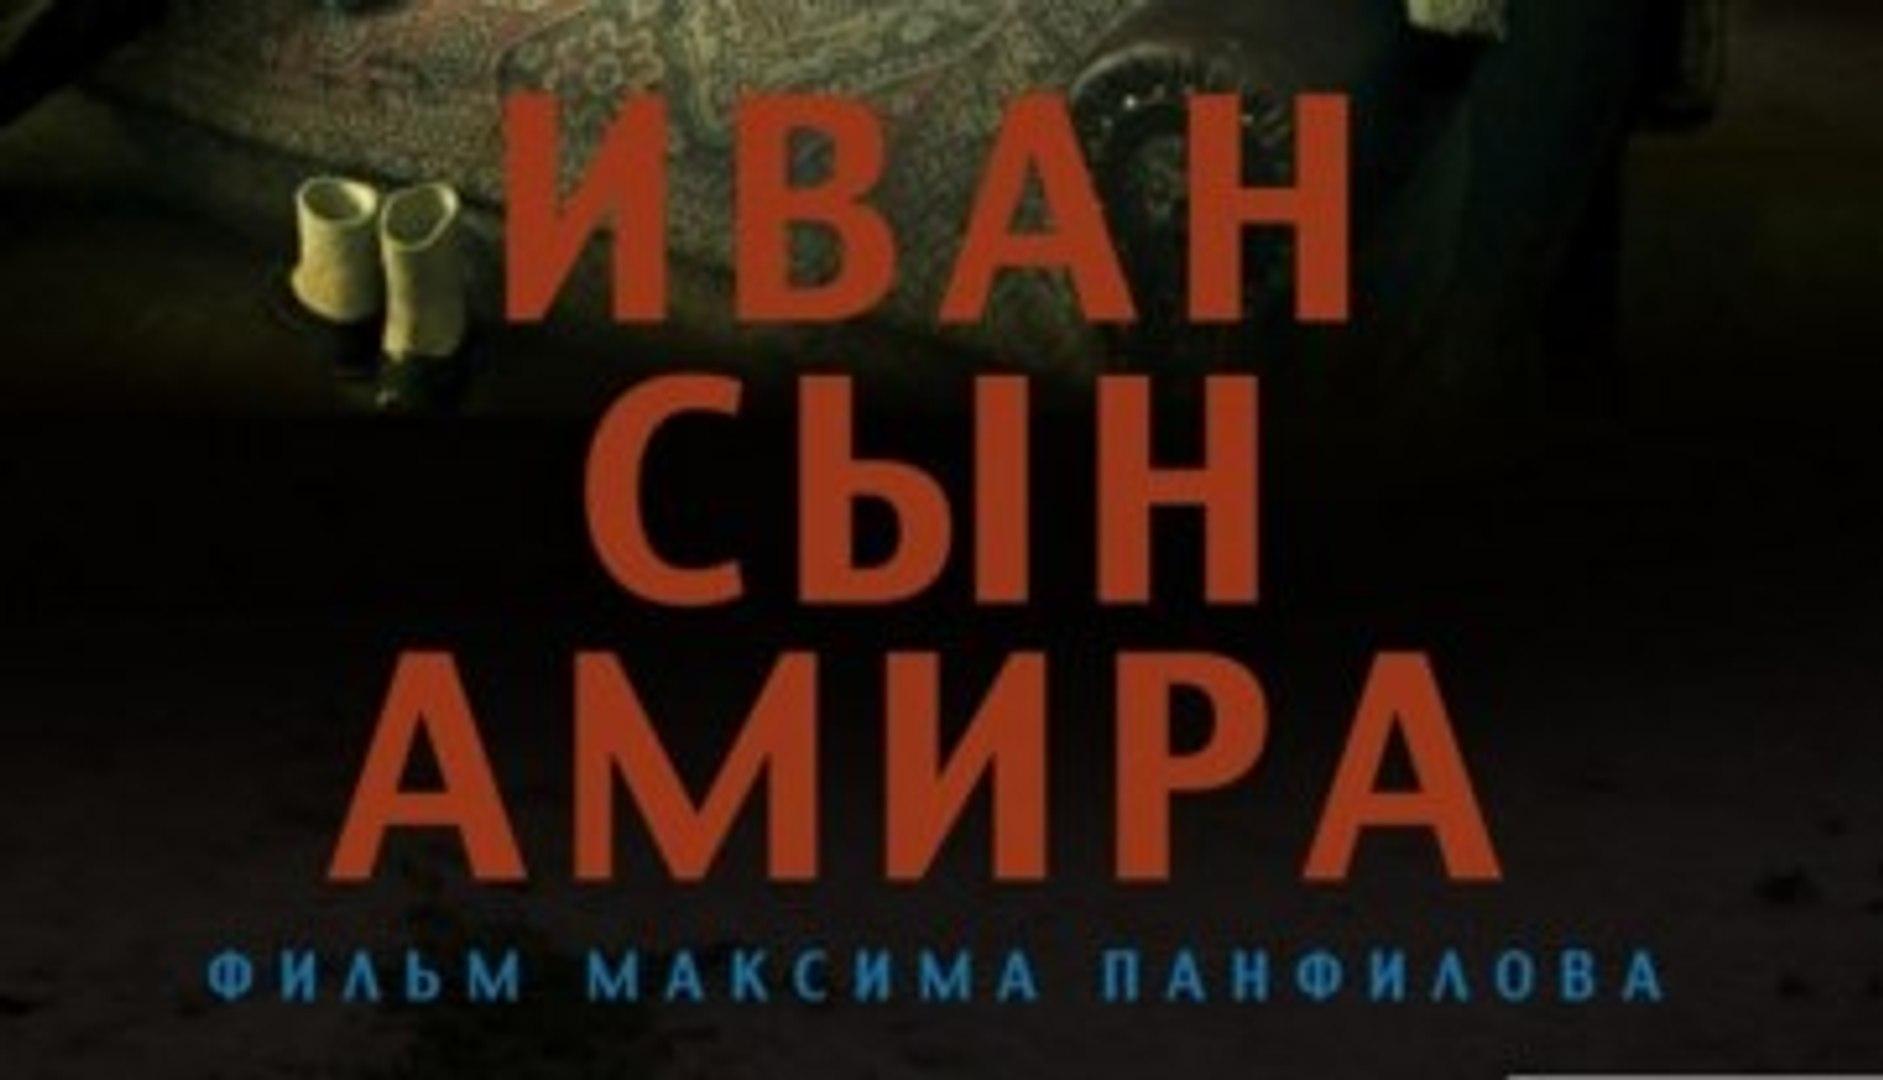 Фильм | Иван сын Амира - 2 часть | Драма | 2016